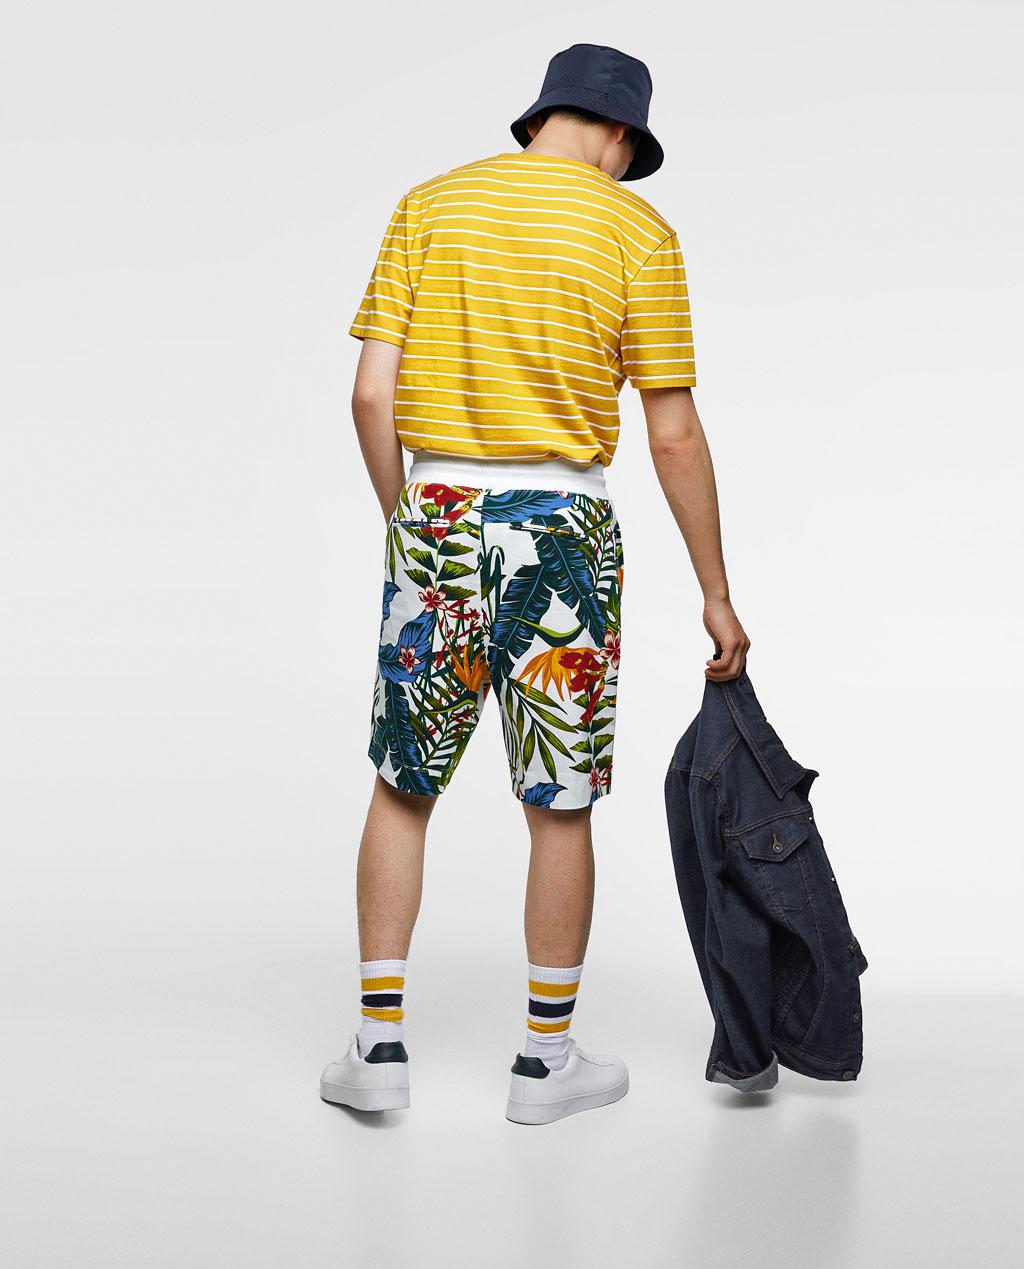 Thời trang nam Zara  24078 - ảnh 6